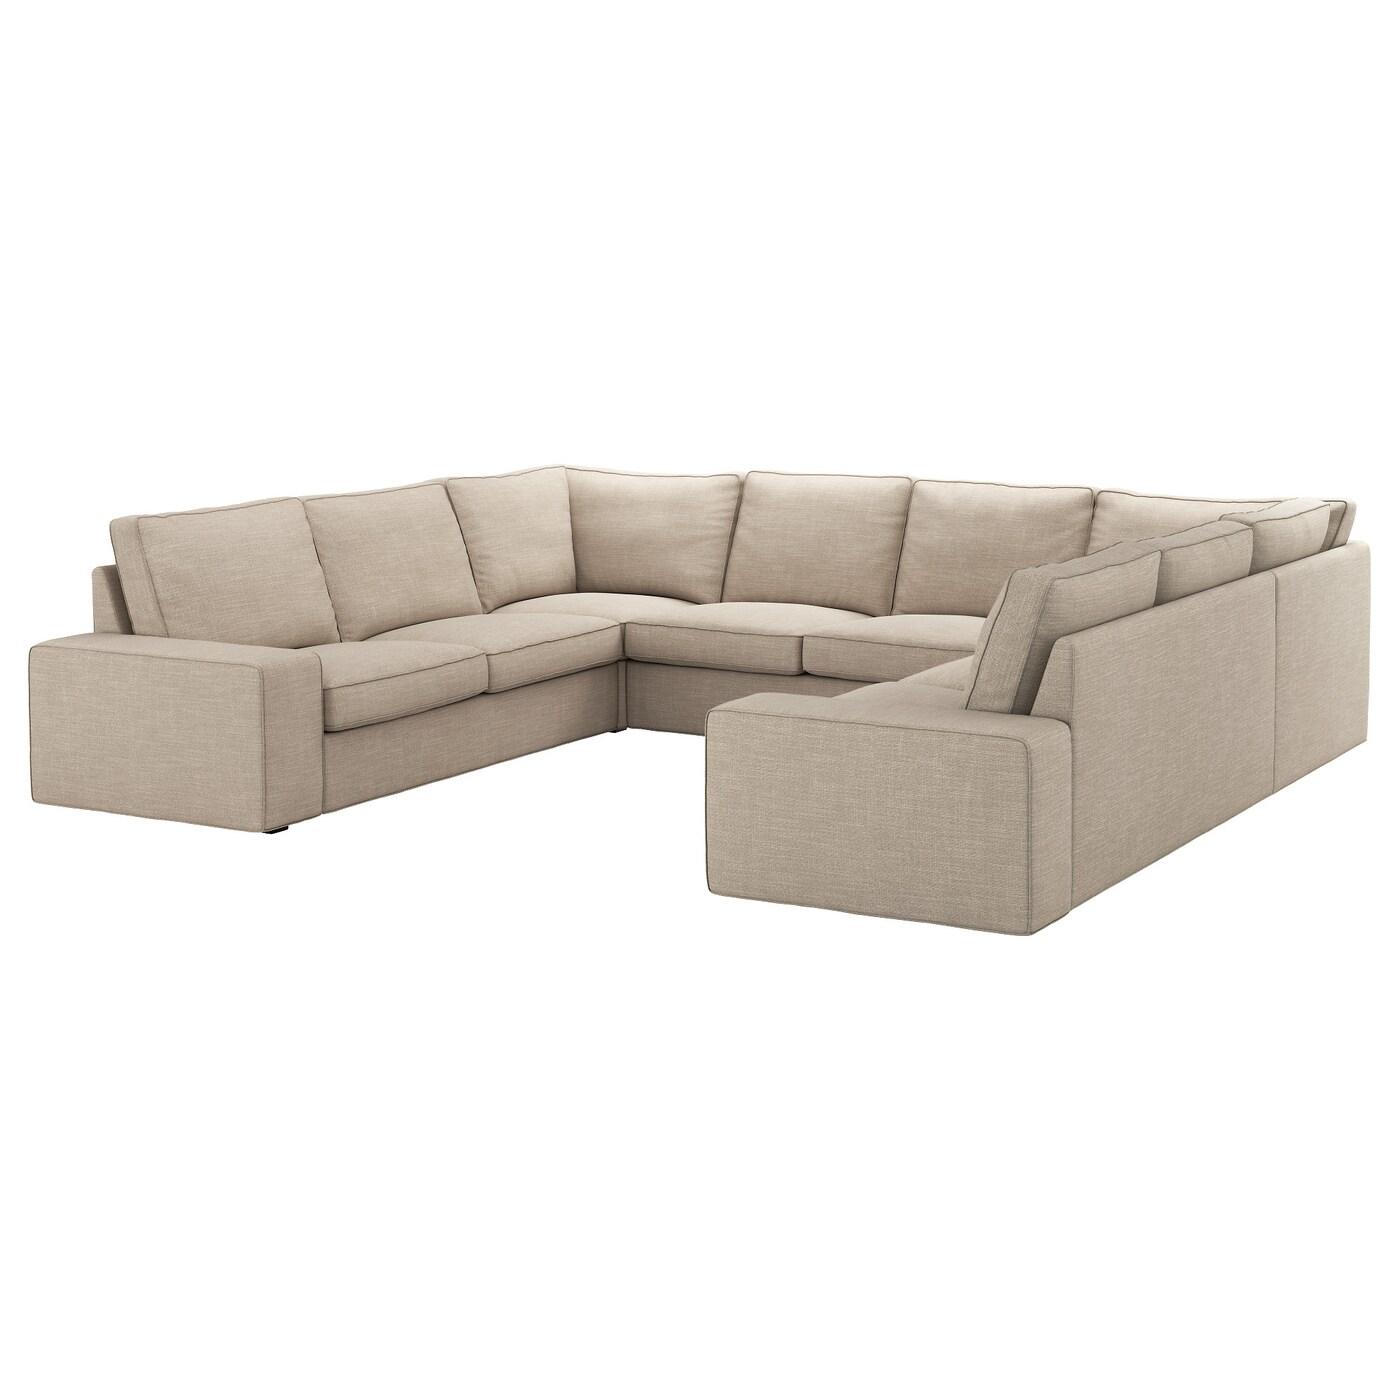 kivik canap en u 6 places hillared beige ikea. Black Bedroom Furniture Sets. Home Design Ideas